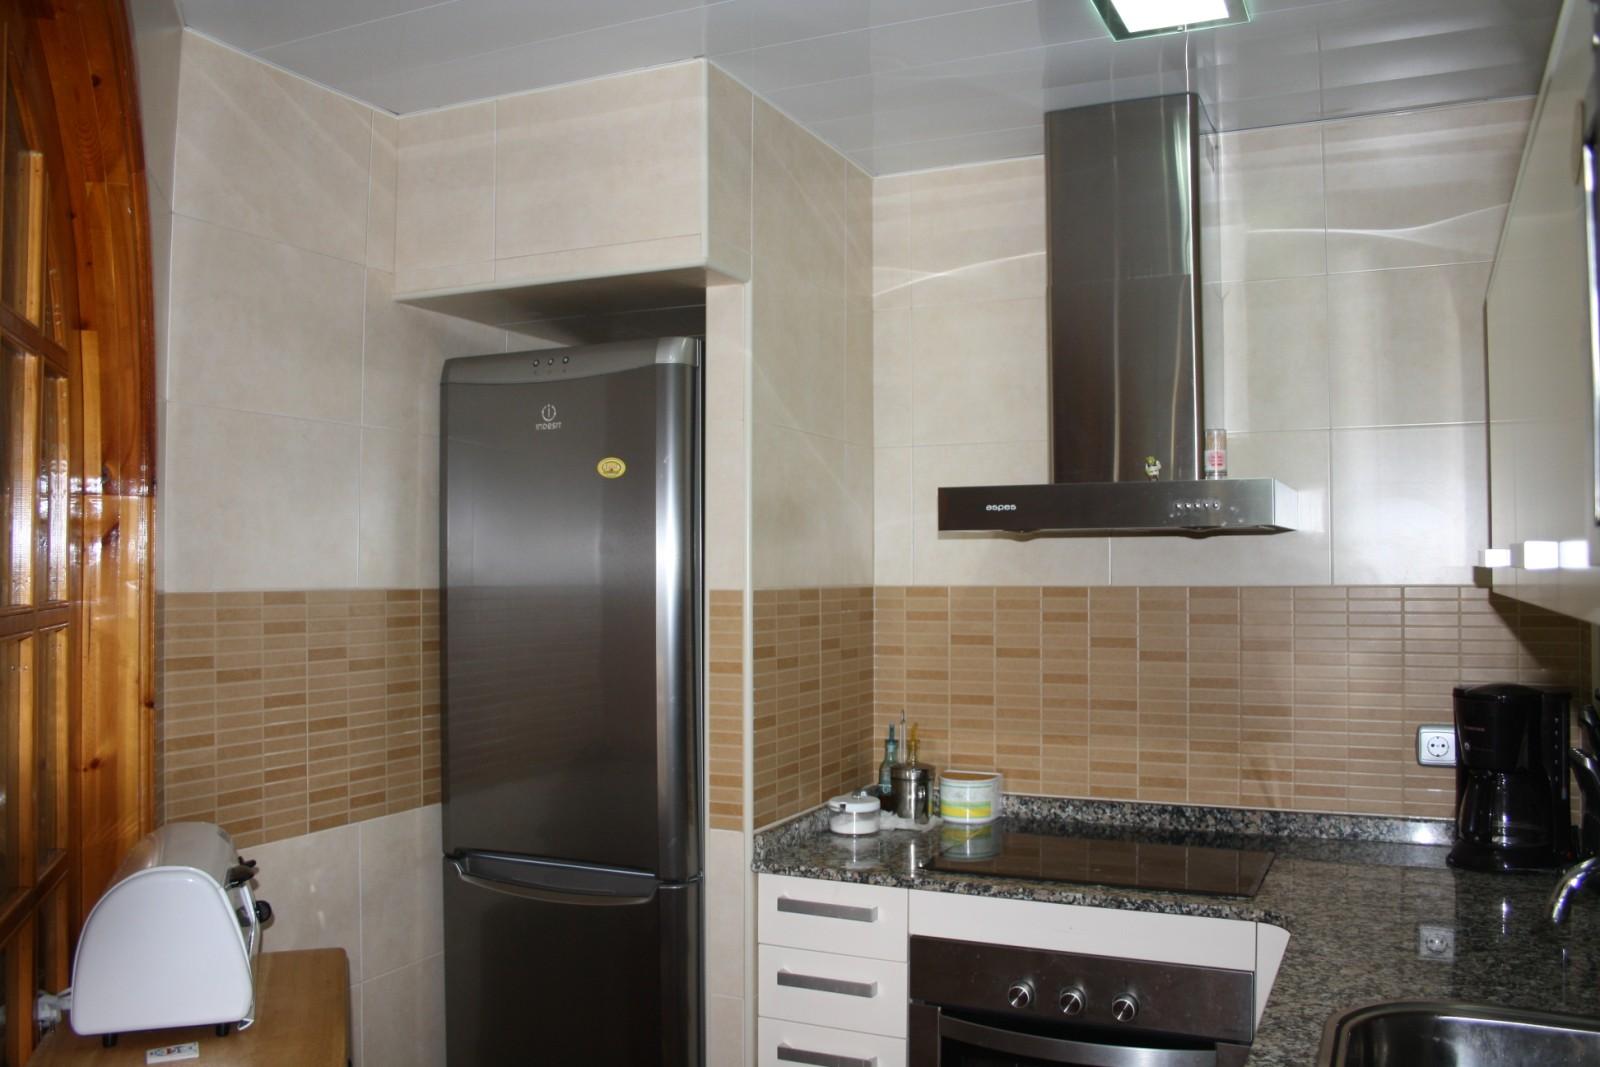 Casa de roda de bara alicatado cocina 4 fotos - Alicatados de cocinas ...